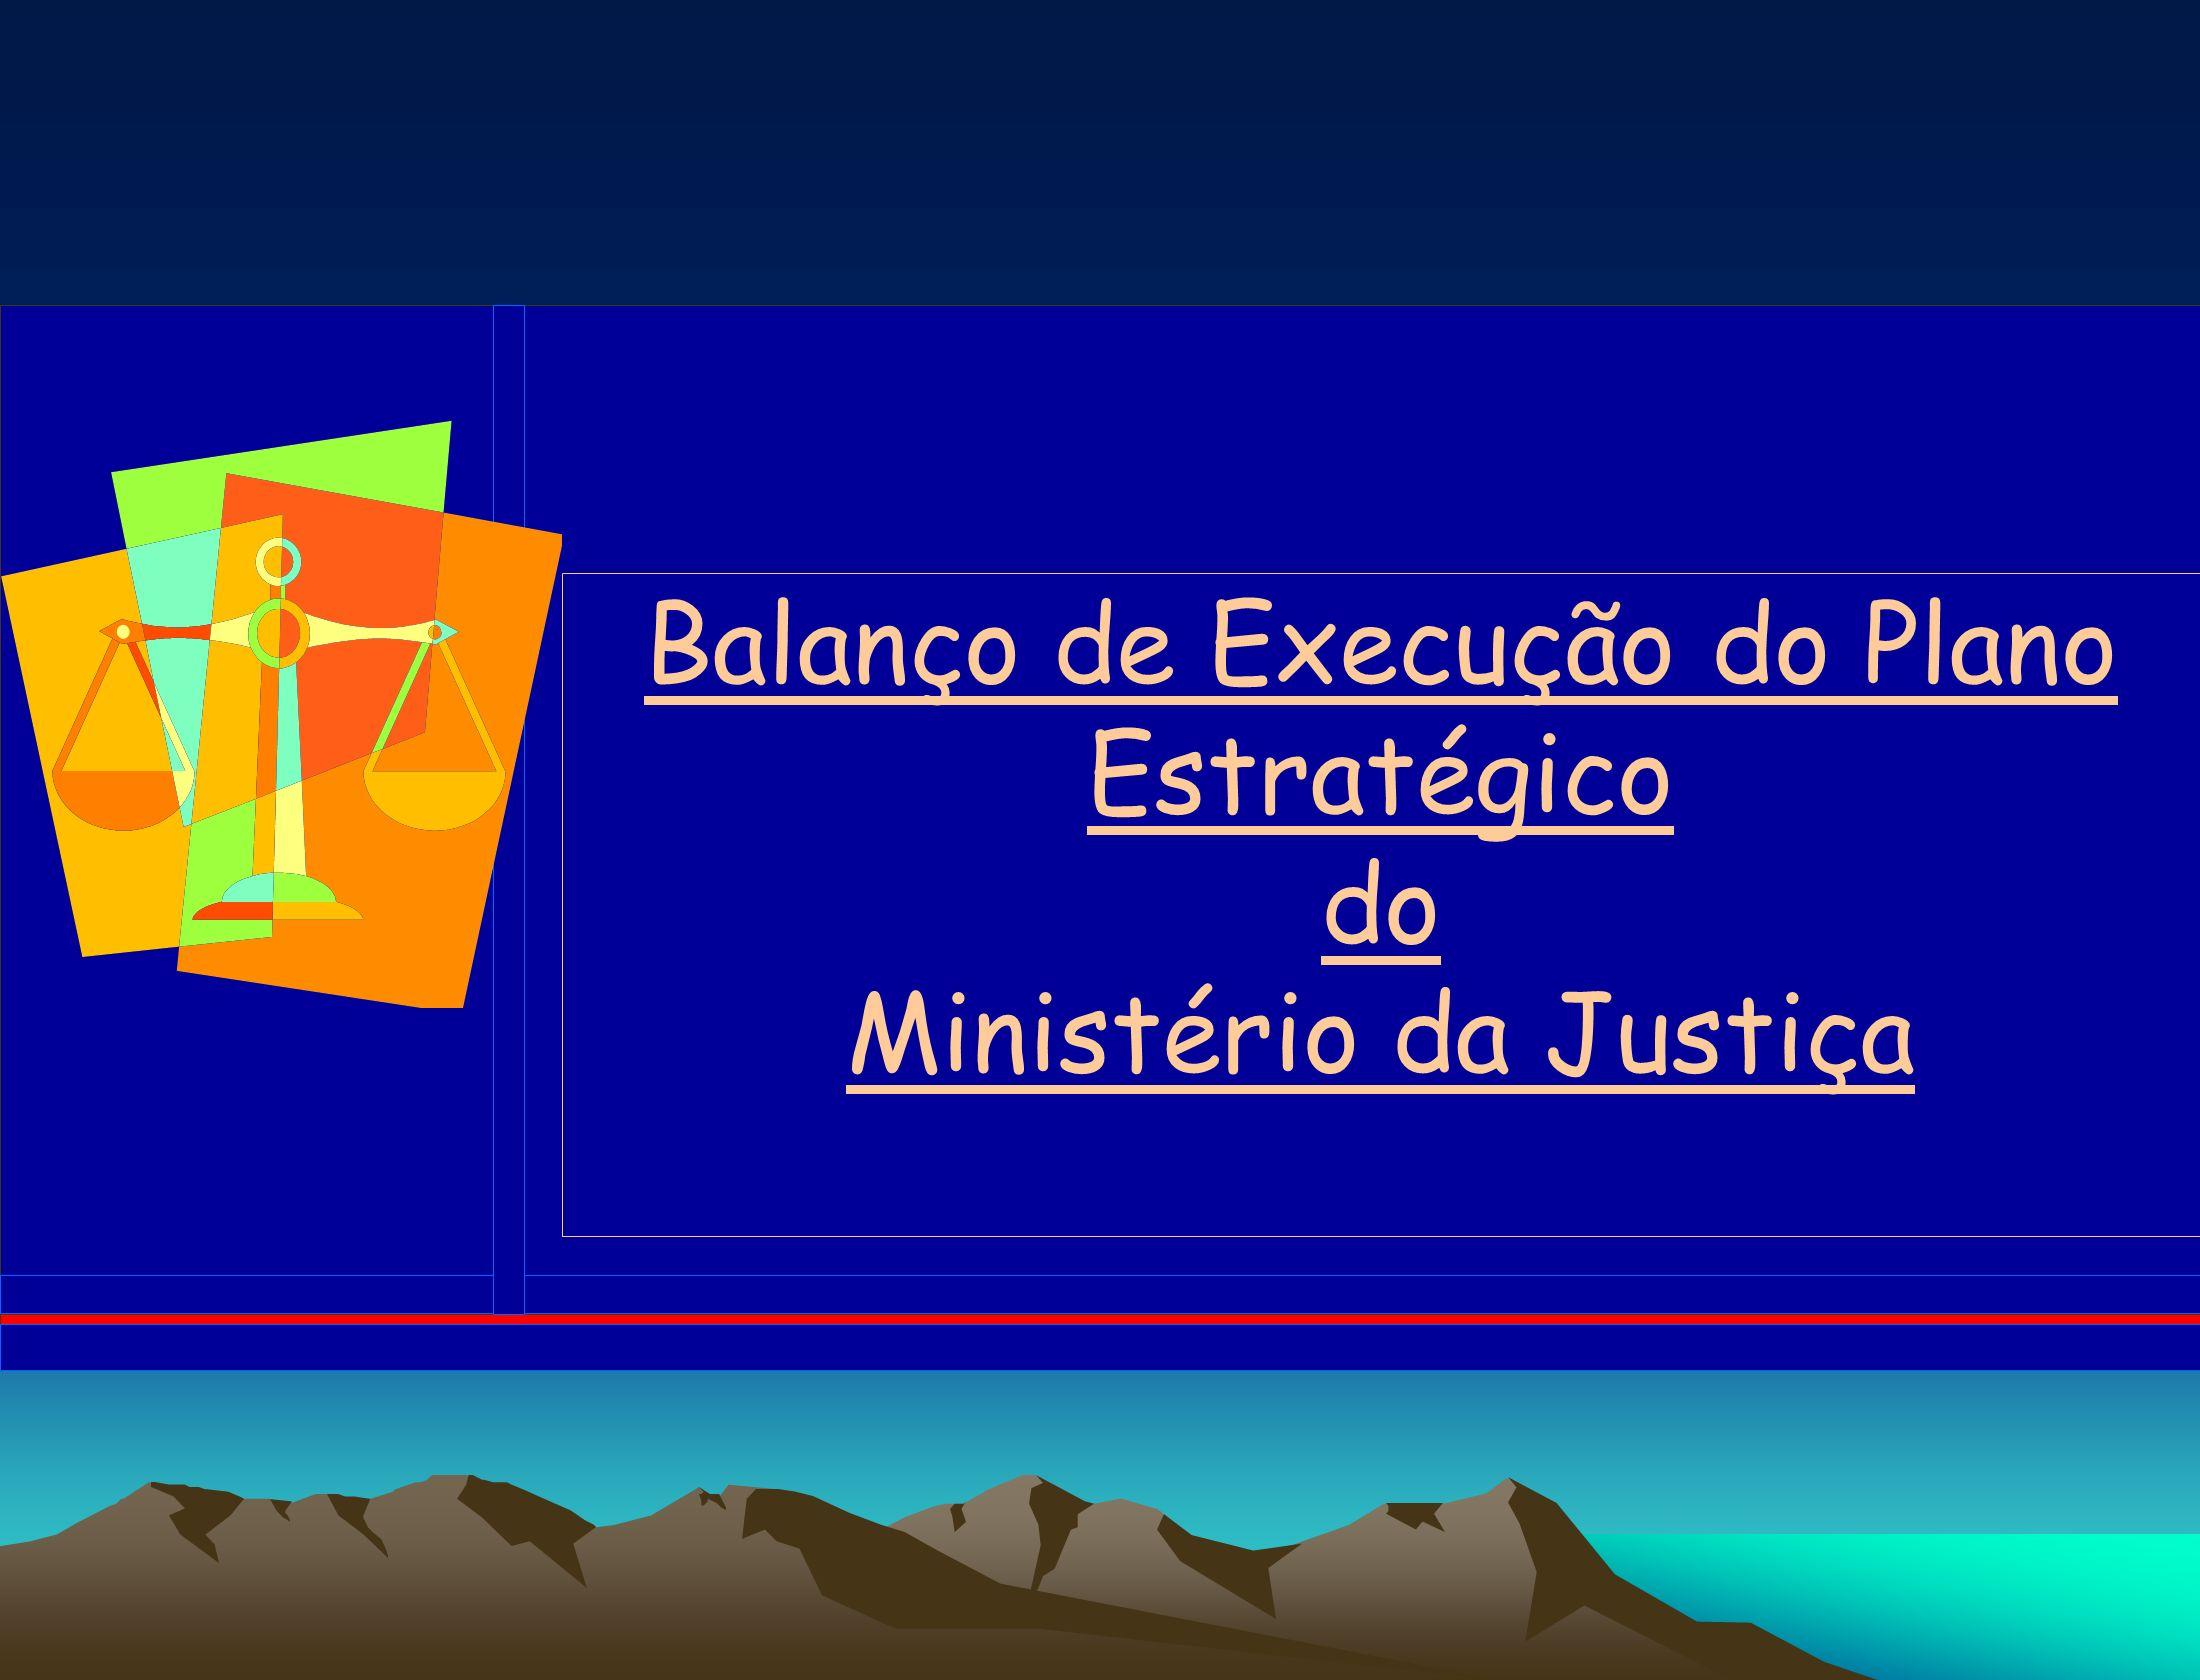 Objectivos Estratégias Acções RESPEITO PELOS DIREITOS HUMANOS E GARANTIA DE UMA JUSTIÇA INDEPENDENTE E EFICAZ, AO SERVIÇO DA CIDADANIA E DO DESENVOLVIMENTO EDIFICAR UM SISTEMA PRISIONAL SEGURO, HUMANO E SUSTENATADO QUE GARANTA A PROSSECUÇÃO DOS FINS DAS PENAS E A REINSERÇÃO SOCIAL DOS RECLUSOS Garantir a necessária segurança e disciplina nos estabelecimentos prisionais no respeito pelos direitos dos reclusos Garantir a sustentabilidade do sistema prisional através do co- financiamento de recursos próprios do sistema e parcerias com o sector empresarial, e ONG-s Adequar e modernizar o sistema Reforço e capacitação do pessoal Construção de uma cadeia na Ilha do Sal Promover uma reinserção efectiva dos reclusos Capacitar profissionalmente os reclusos e transmitir-lhes valores para uma vida normal na sociedade Melhoria das condições físicas: infra-estruturas e equipamentos Melhoria das estruturas da Cadeia de São Martinho Construção de uma cadeia na Ilha do Fogo Disponibilização de espaços para actividades desportivas e recreativas Recrutamento e formação de guardas prisionais Aprovação da nova Lei de Execução de Penas e demais legislação prisional Aquisição de equipamento de vigilância 1.Construído o muro de vedação – maior espaço de socialização dos reclusos.